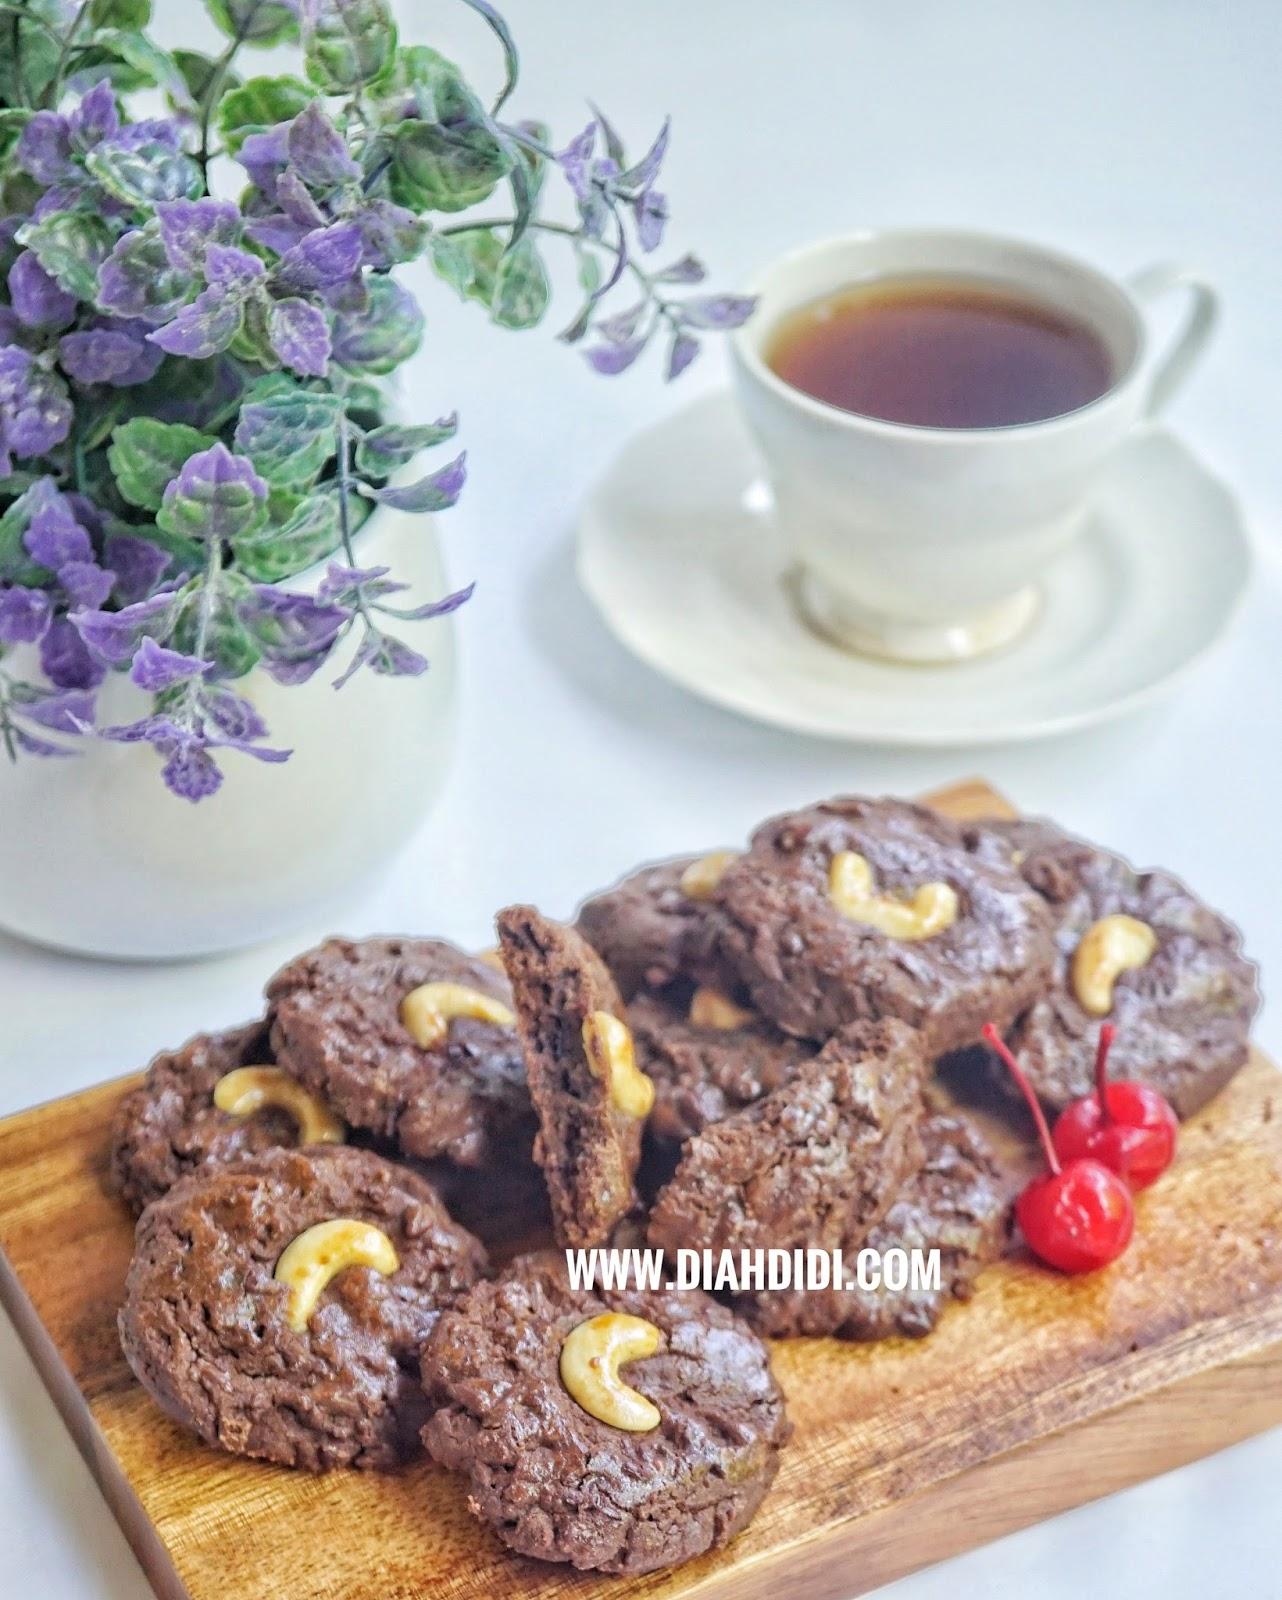 Diah Didi S Kitchen Kue Kering Choco Mede Kue Kering Resep Masakan Masakan